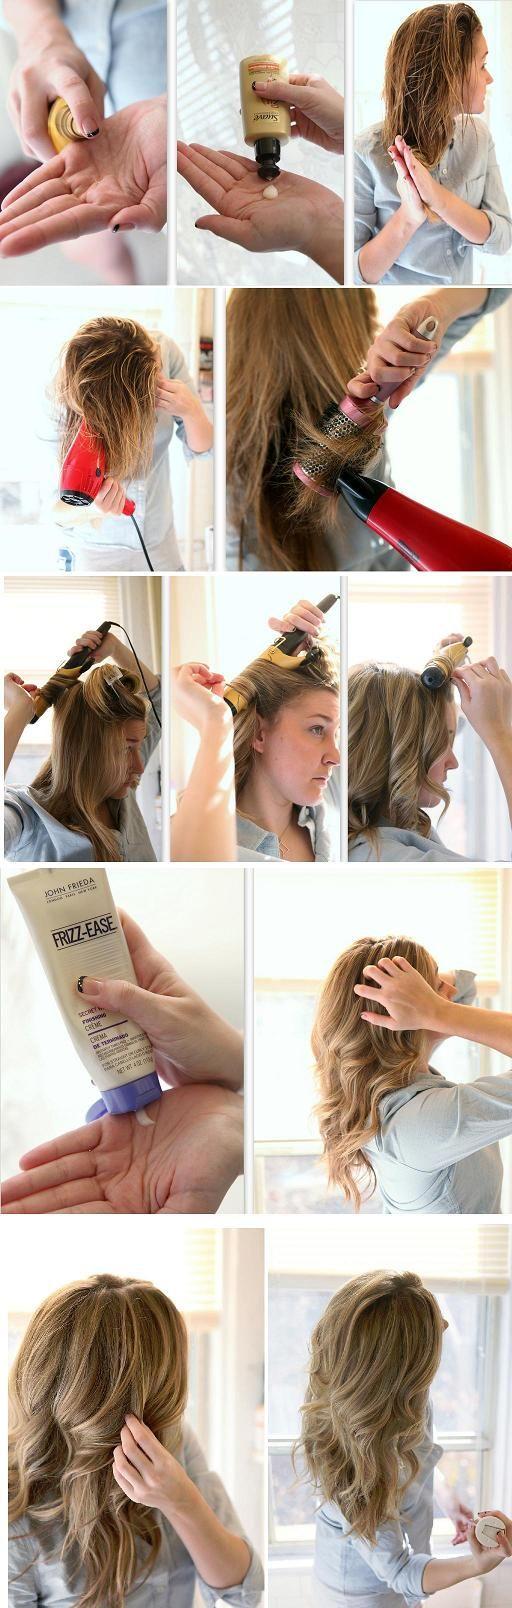 Как сделать волосы волнистыми при помощи пенки 754